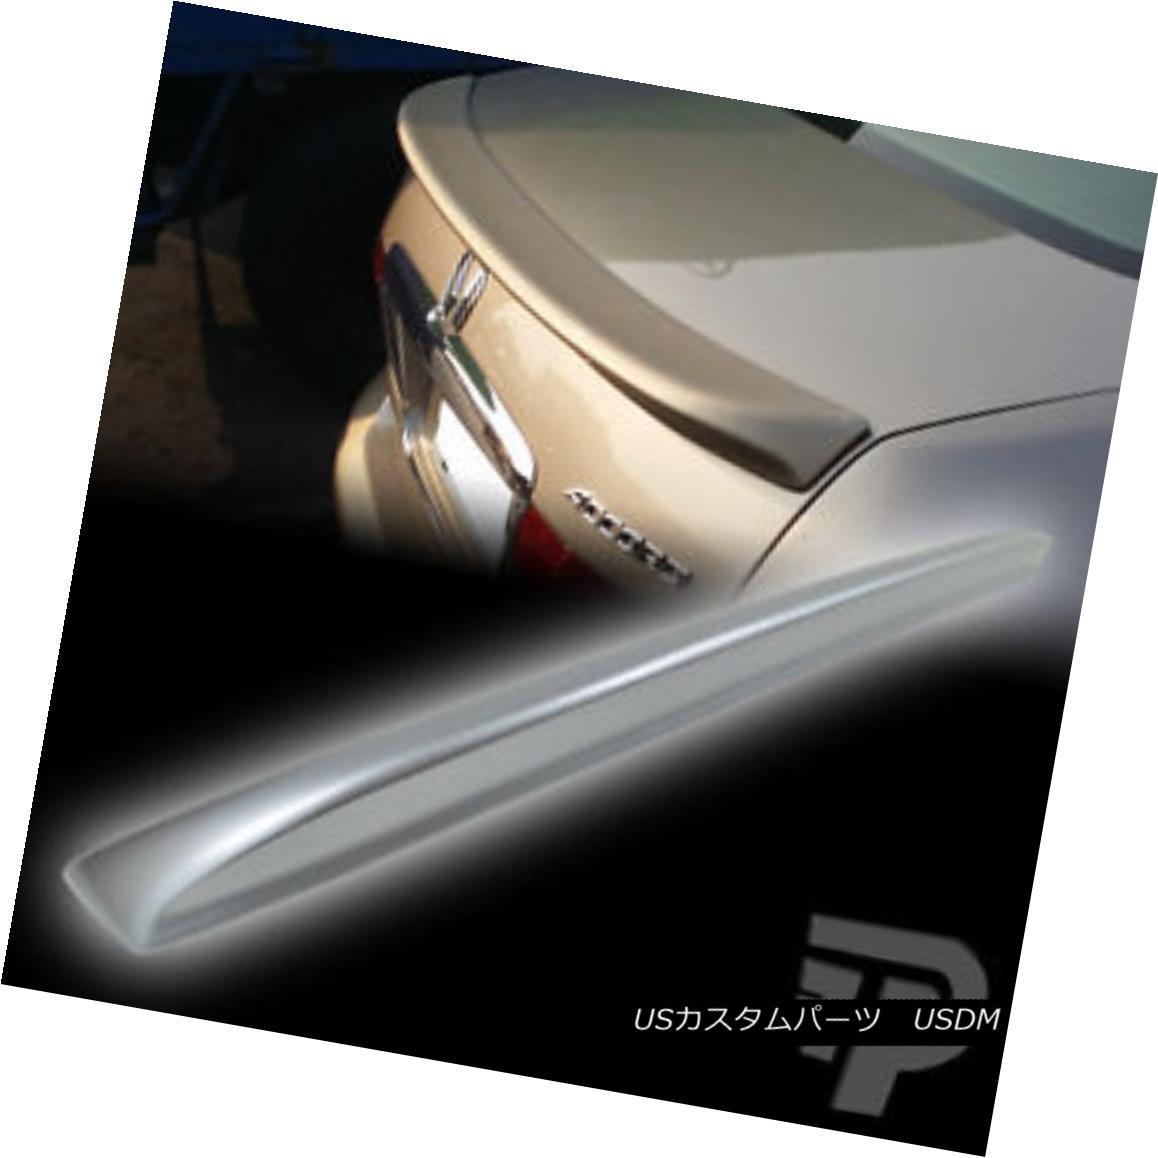 エアロパーツ Painted FRP FOR Honda Accord Sedan 03-05 OE Type Rear Trunk Spoiler Wing ホンダアコードセダン用FRP塗装03-05 OEタイプリアトランクスポイラーウイング